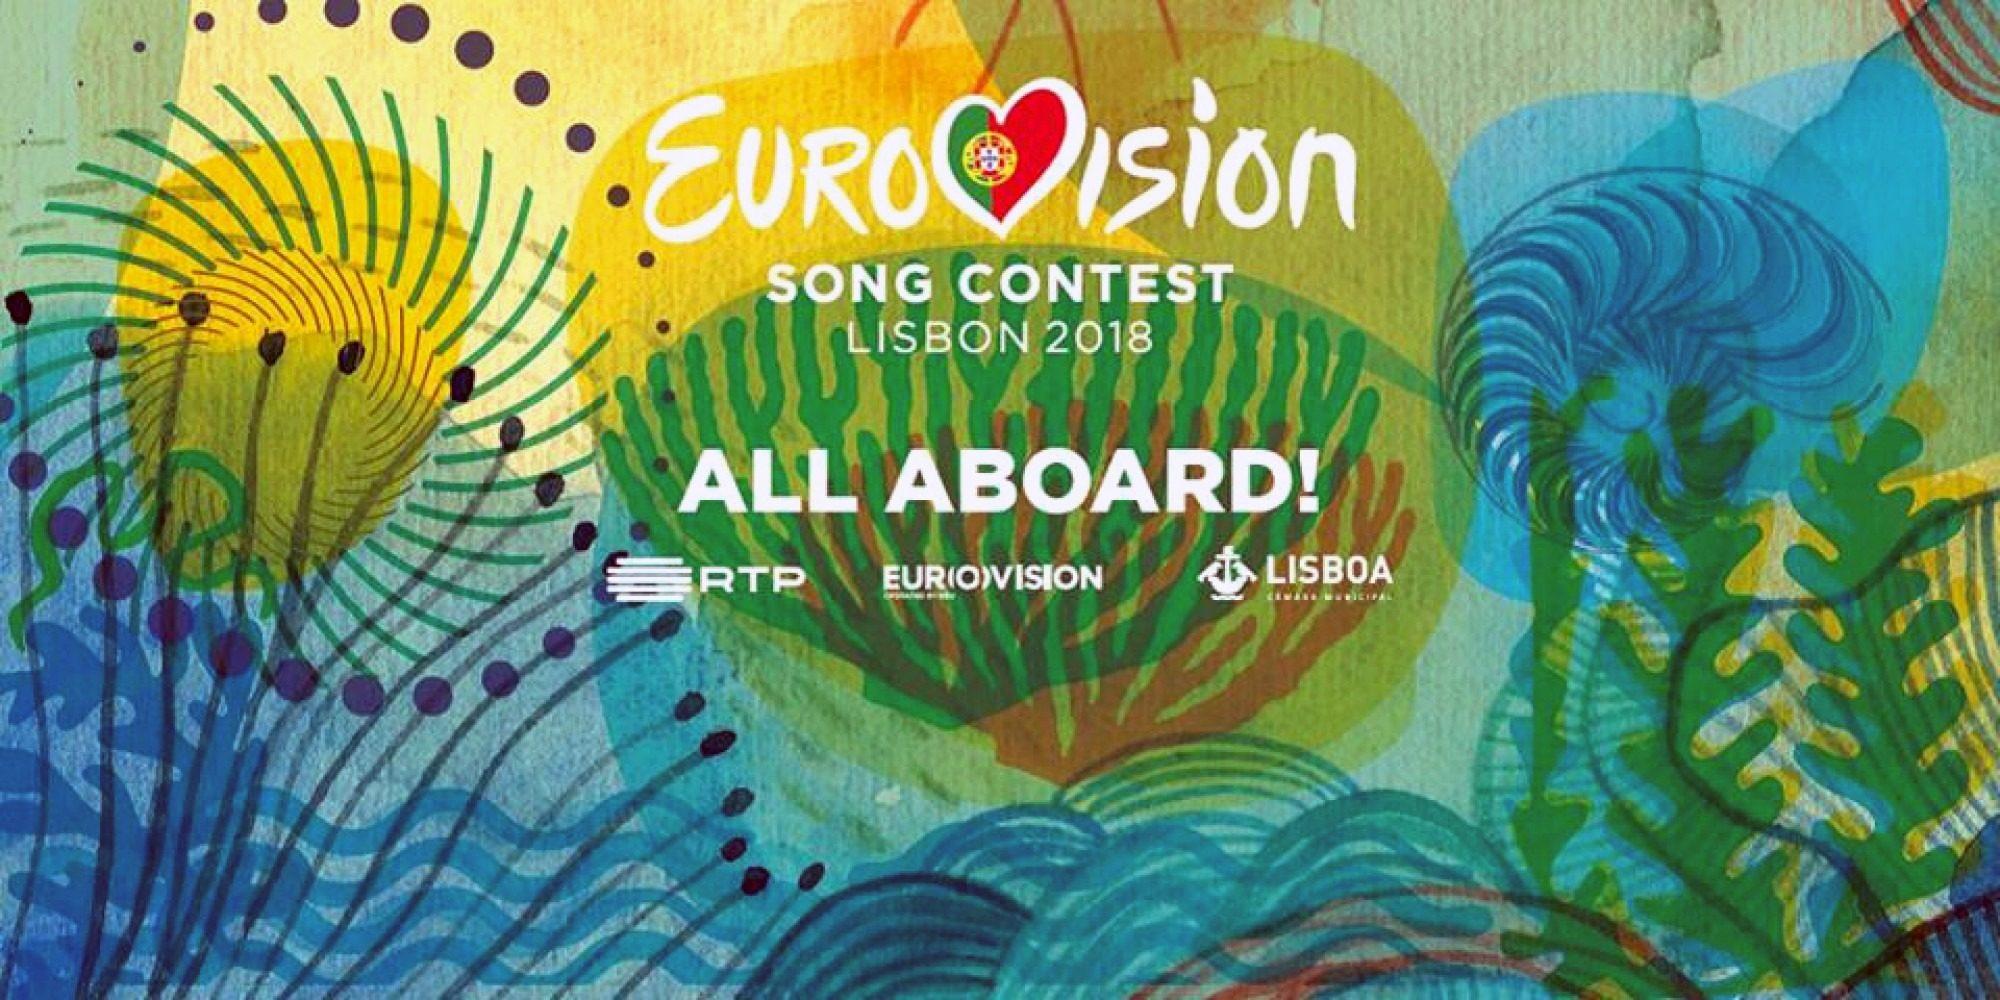 10112017_023243_wsi-imageoptim-eurovision-logo-2018_grande-1